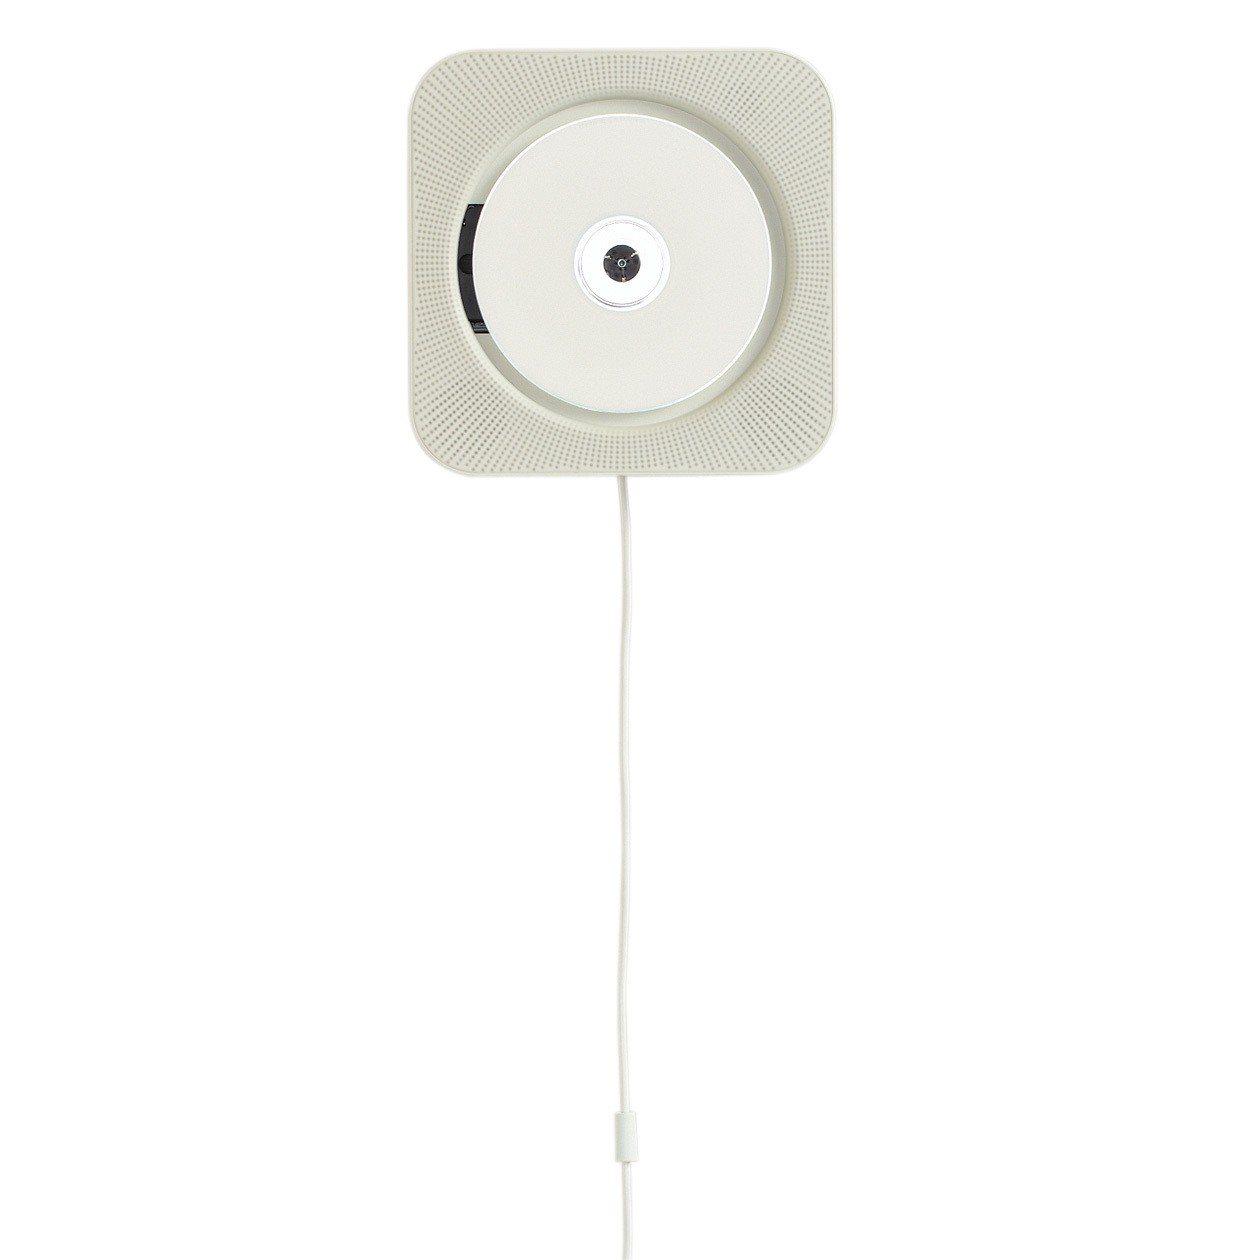 MUJI無印良品壁掛式CD音響,售價4,980元。圖/無印良品提供